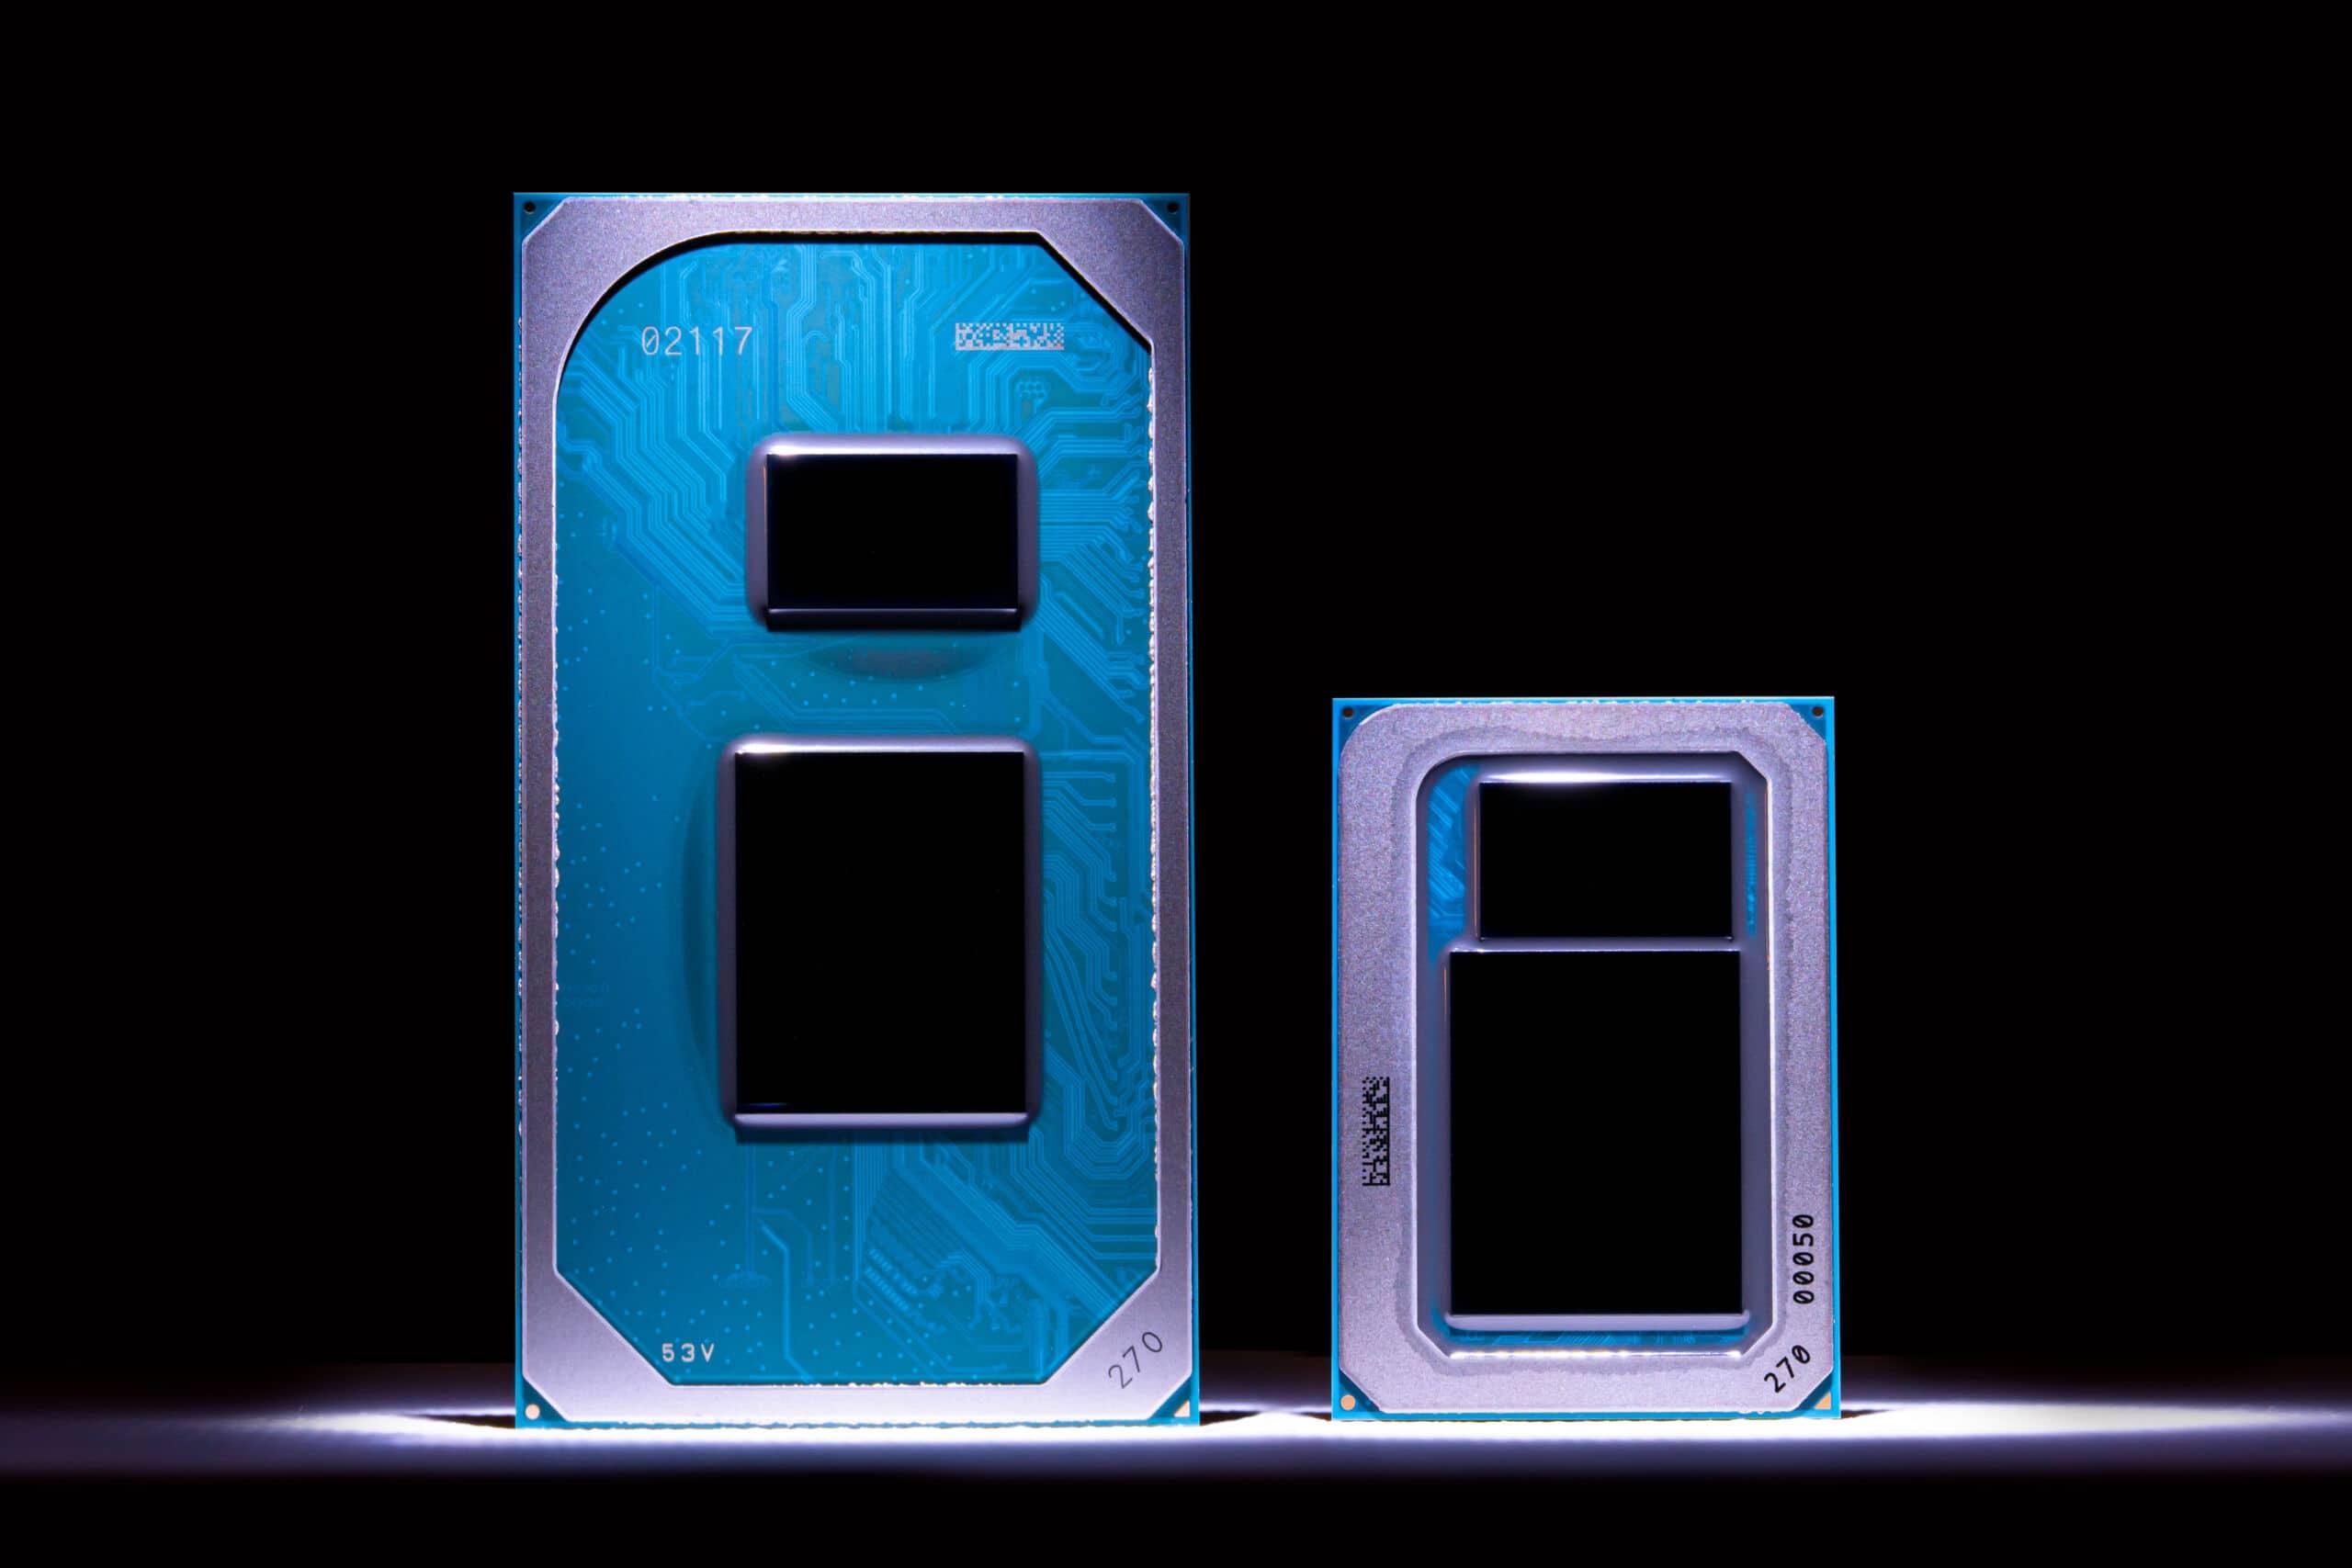 Novos processadores Intel Tiger Lake de 11ª geração